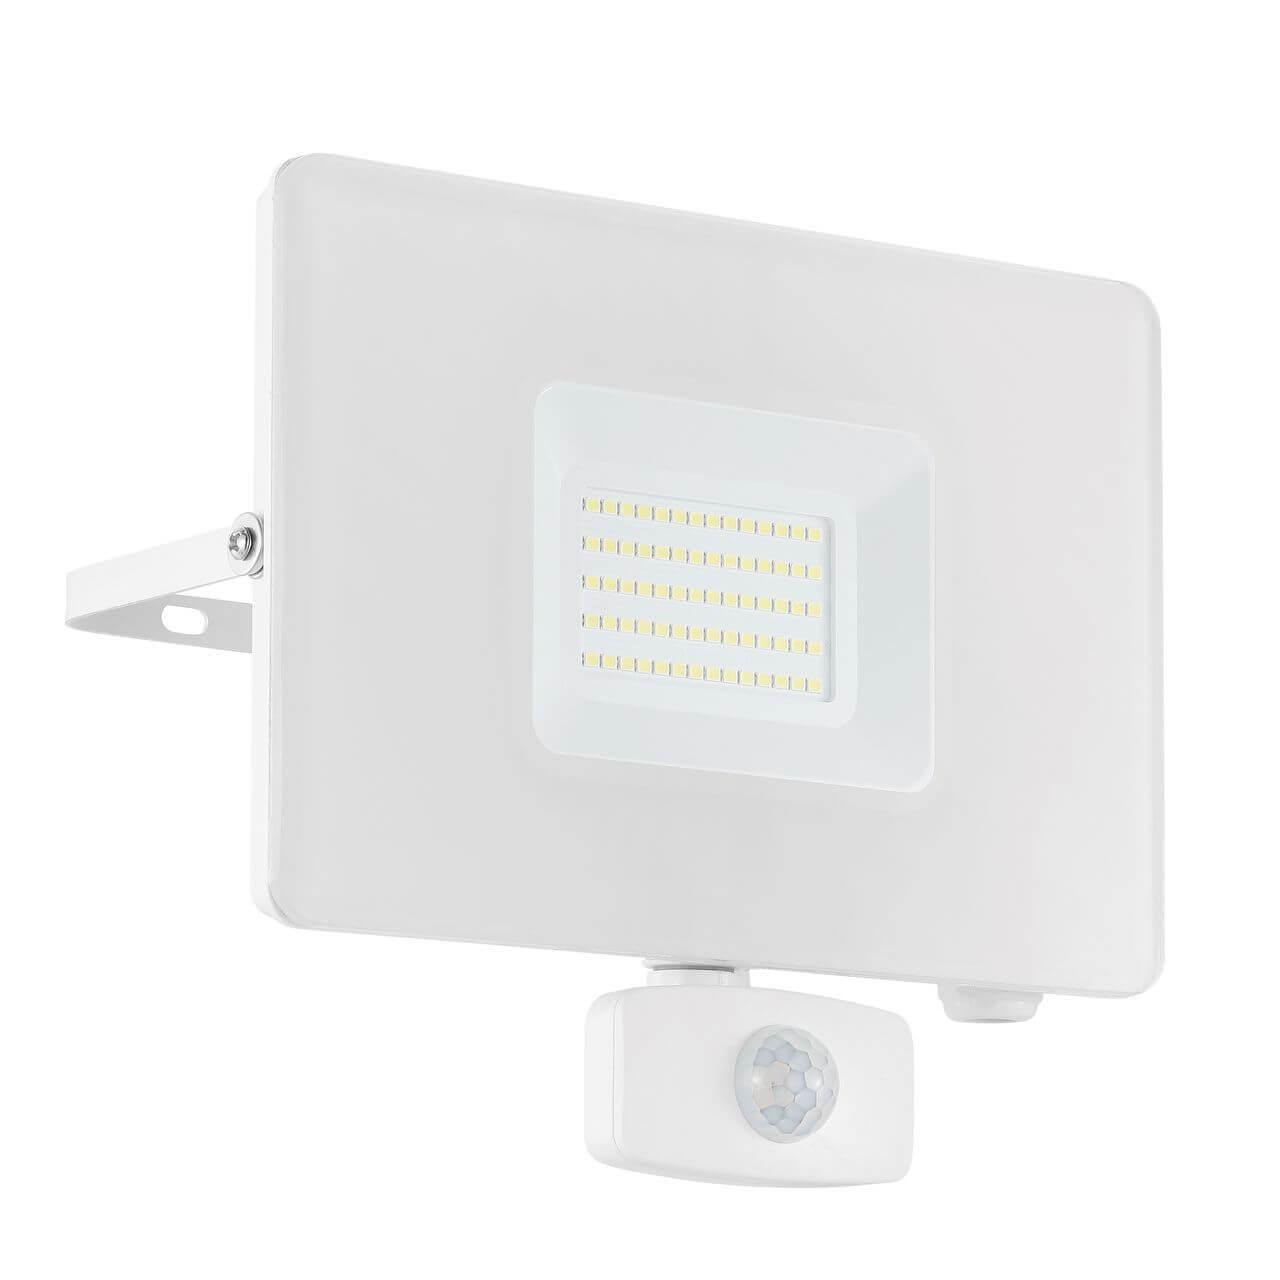 купить Прожектор светодиодный Eglo Faedo 3 33159 онлайн